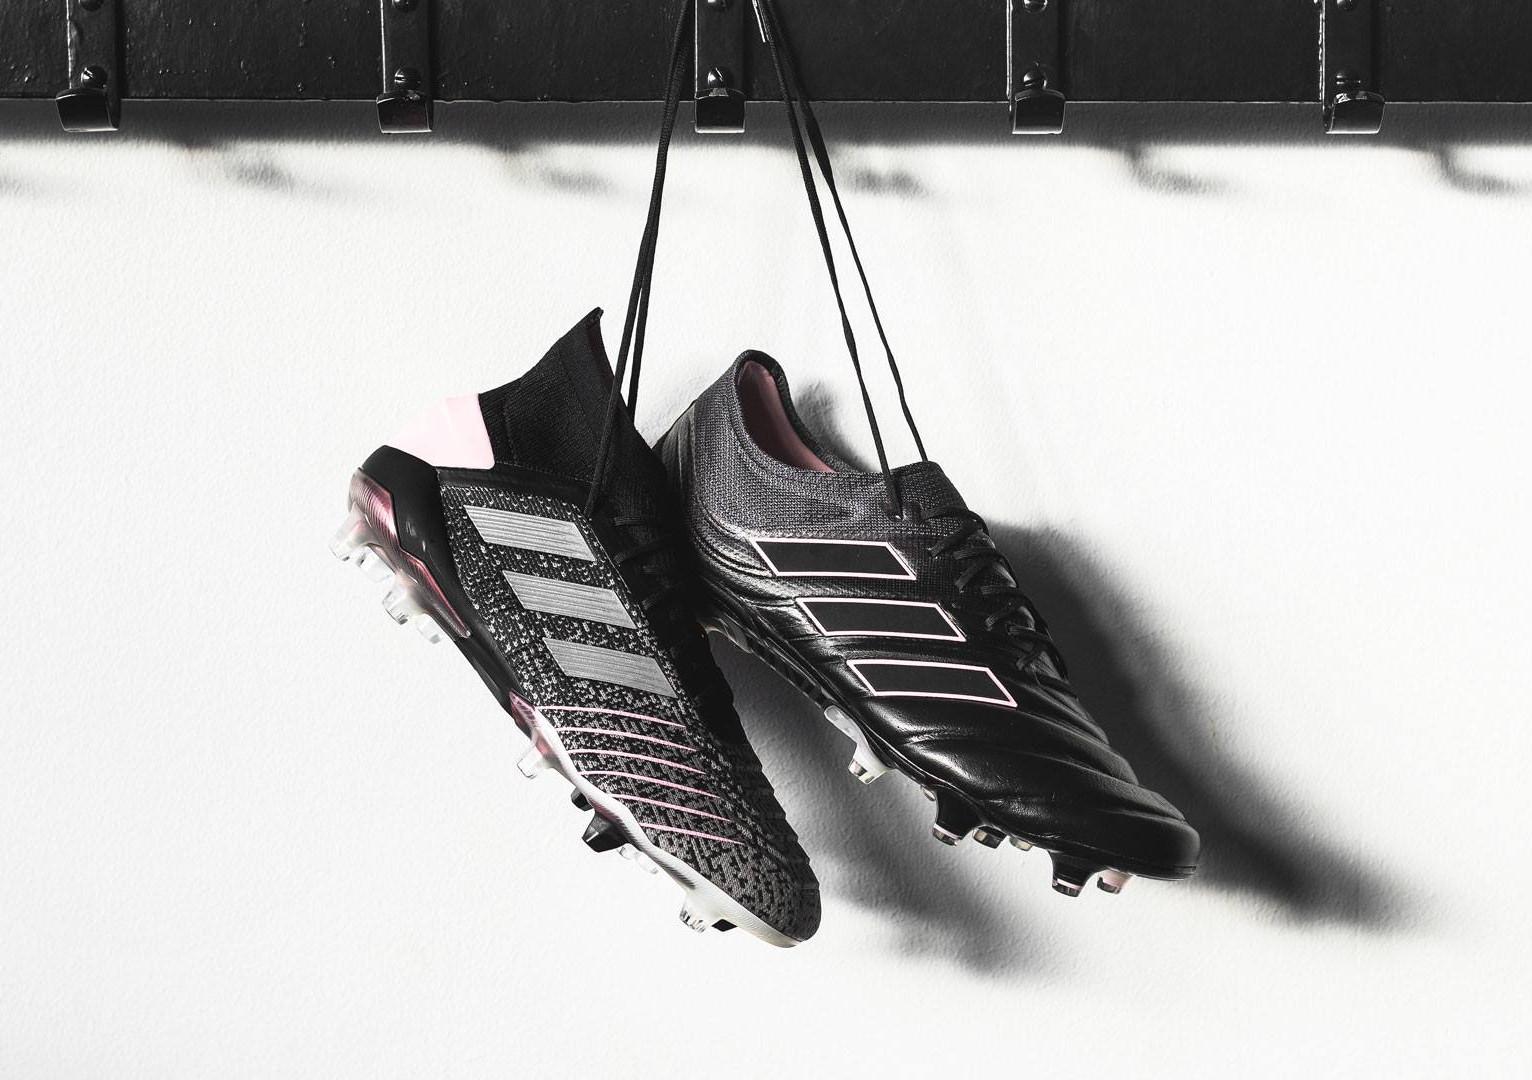 adidas lanceert zwart roze Predator voetbalschoe Voetbal